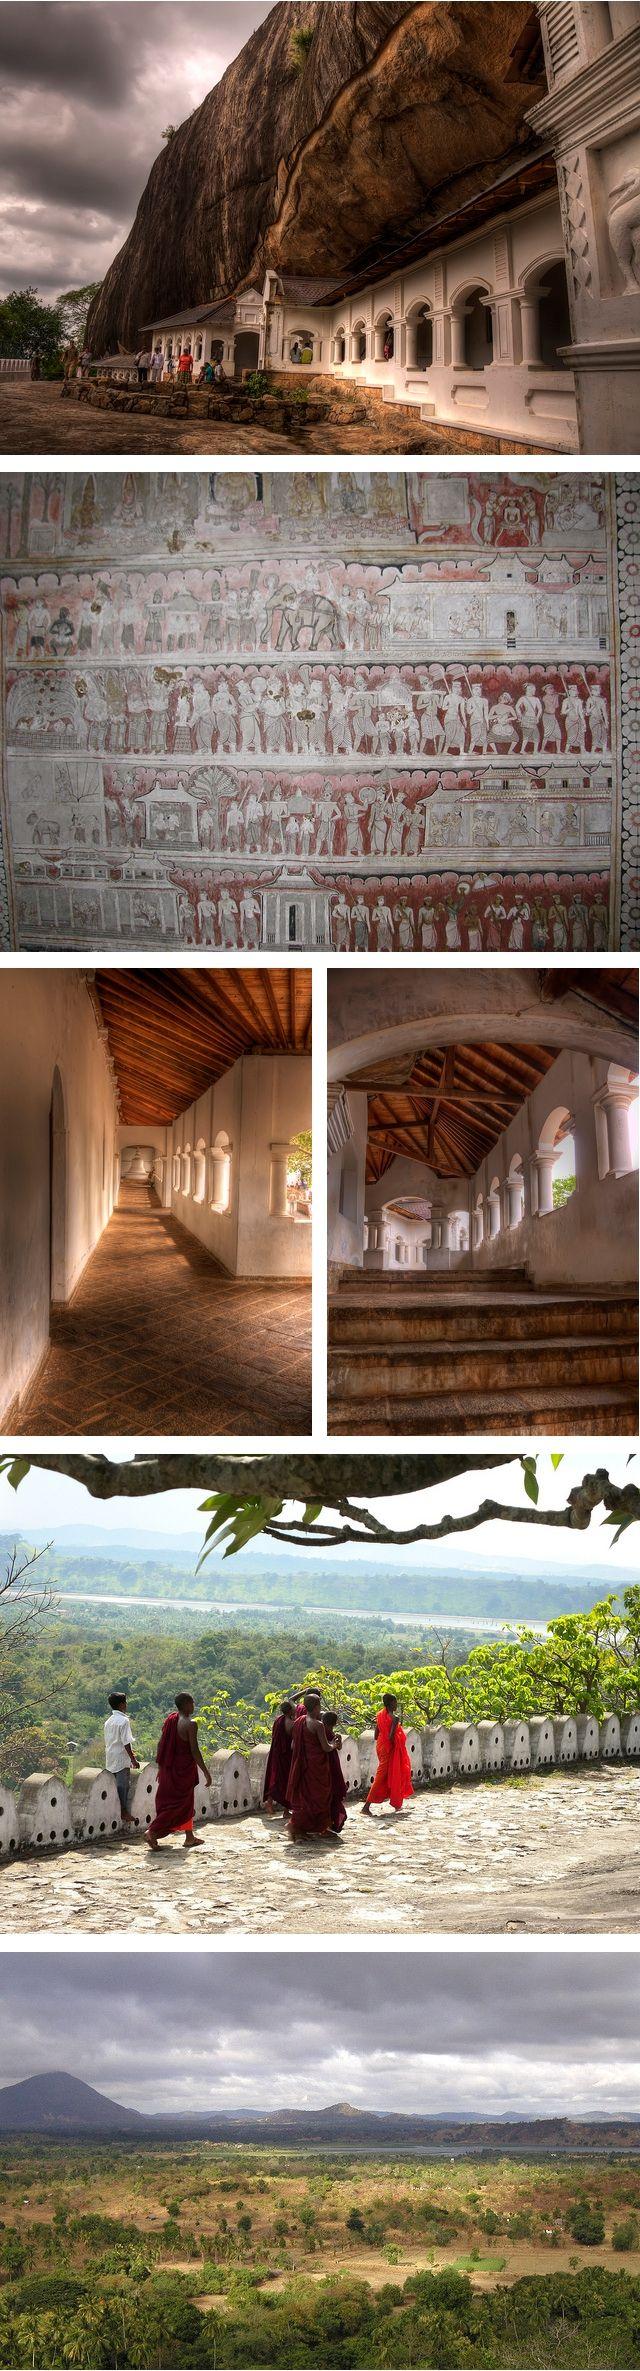 Cave Temple, Dambulla, Sri Lanka (www.secretlanka.com) #SriLanka #Dambulla #Temple #Buddhism